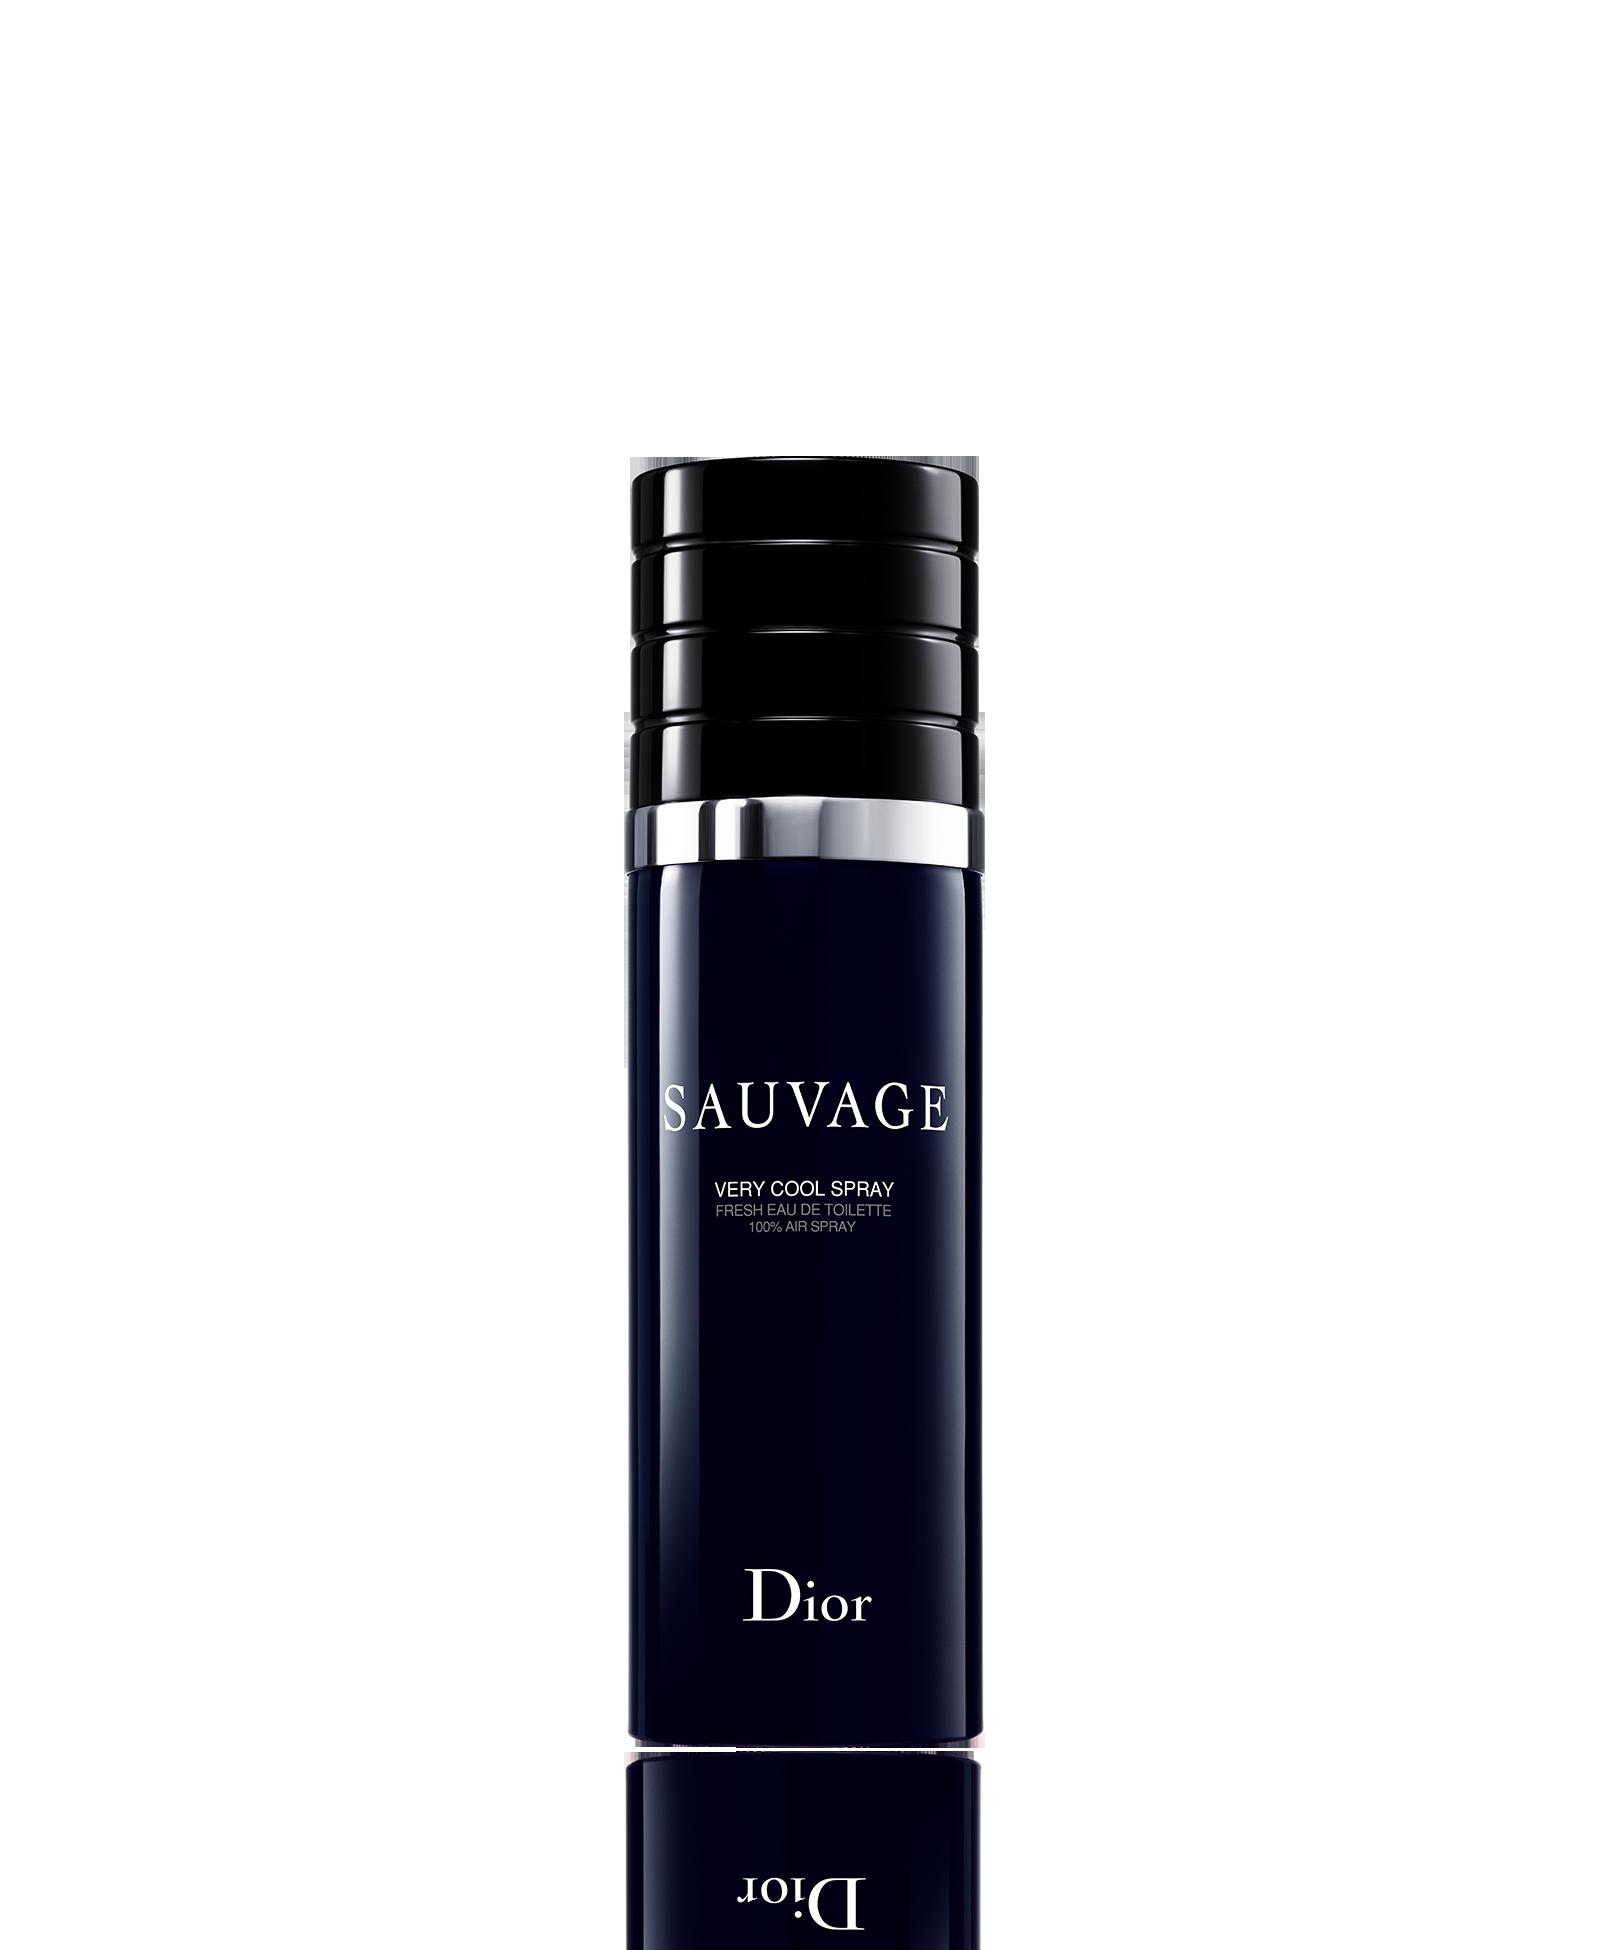 7dc15b1b7 Sauvage very cool spray de dior uno de los mejores perfumes de hombre png  1600x1950 Toilette